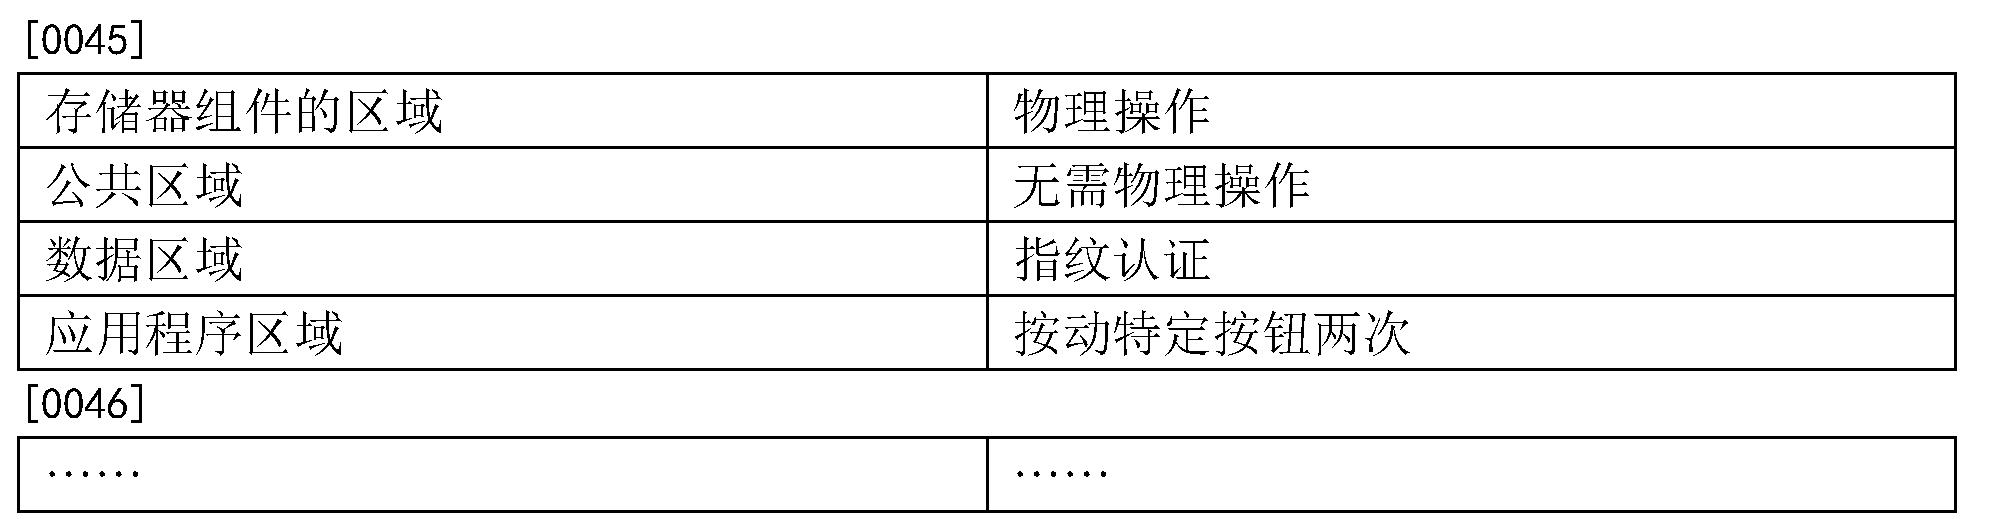 Figure CN104951689BD00071